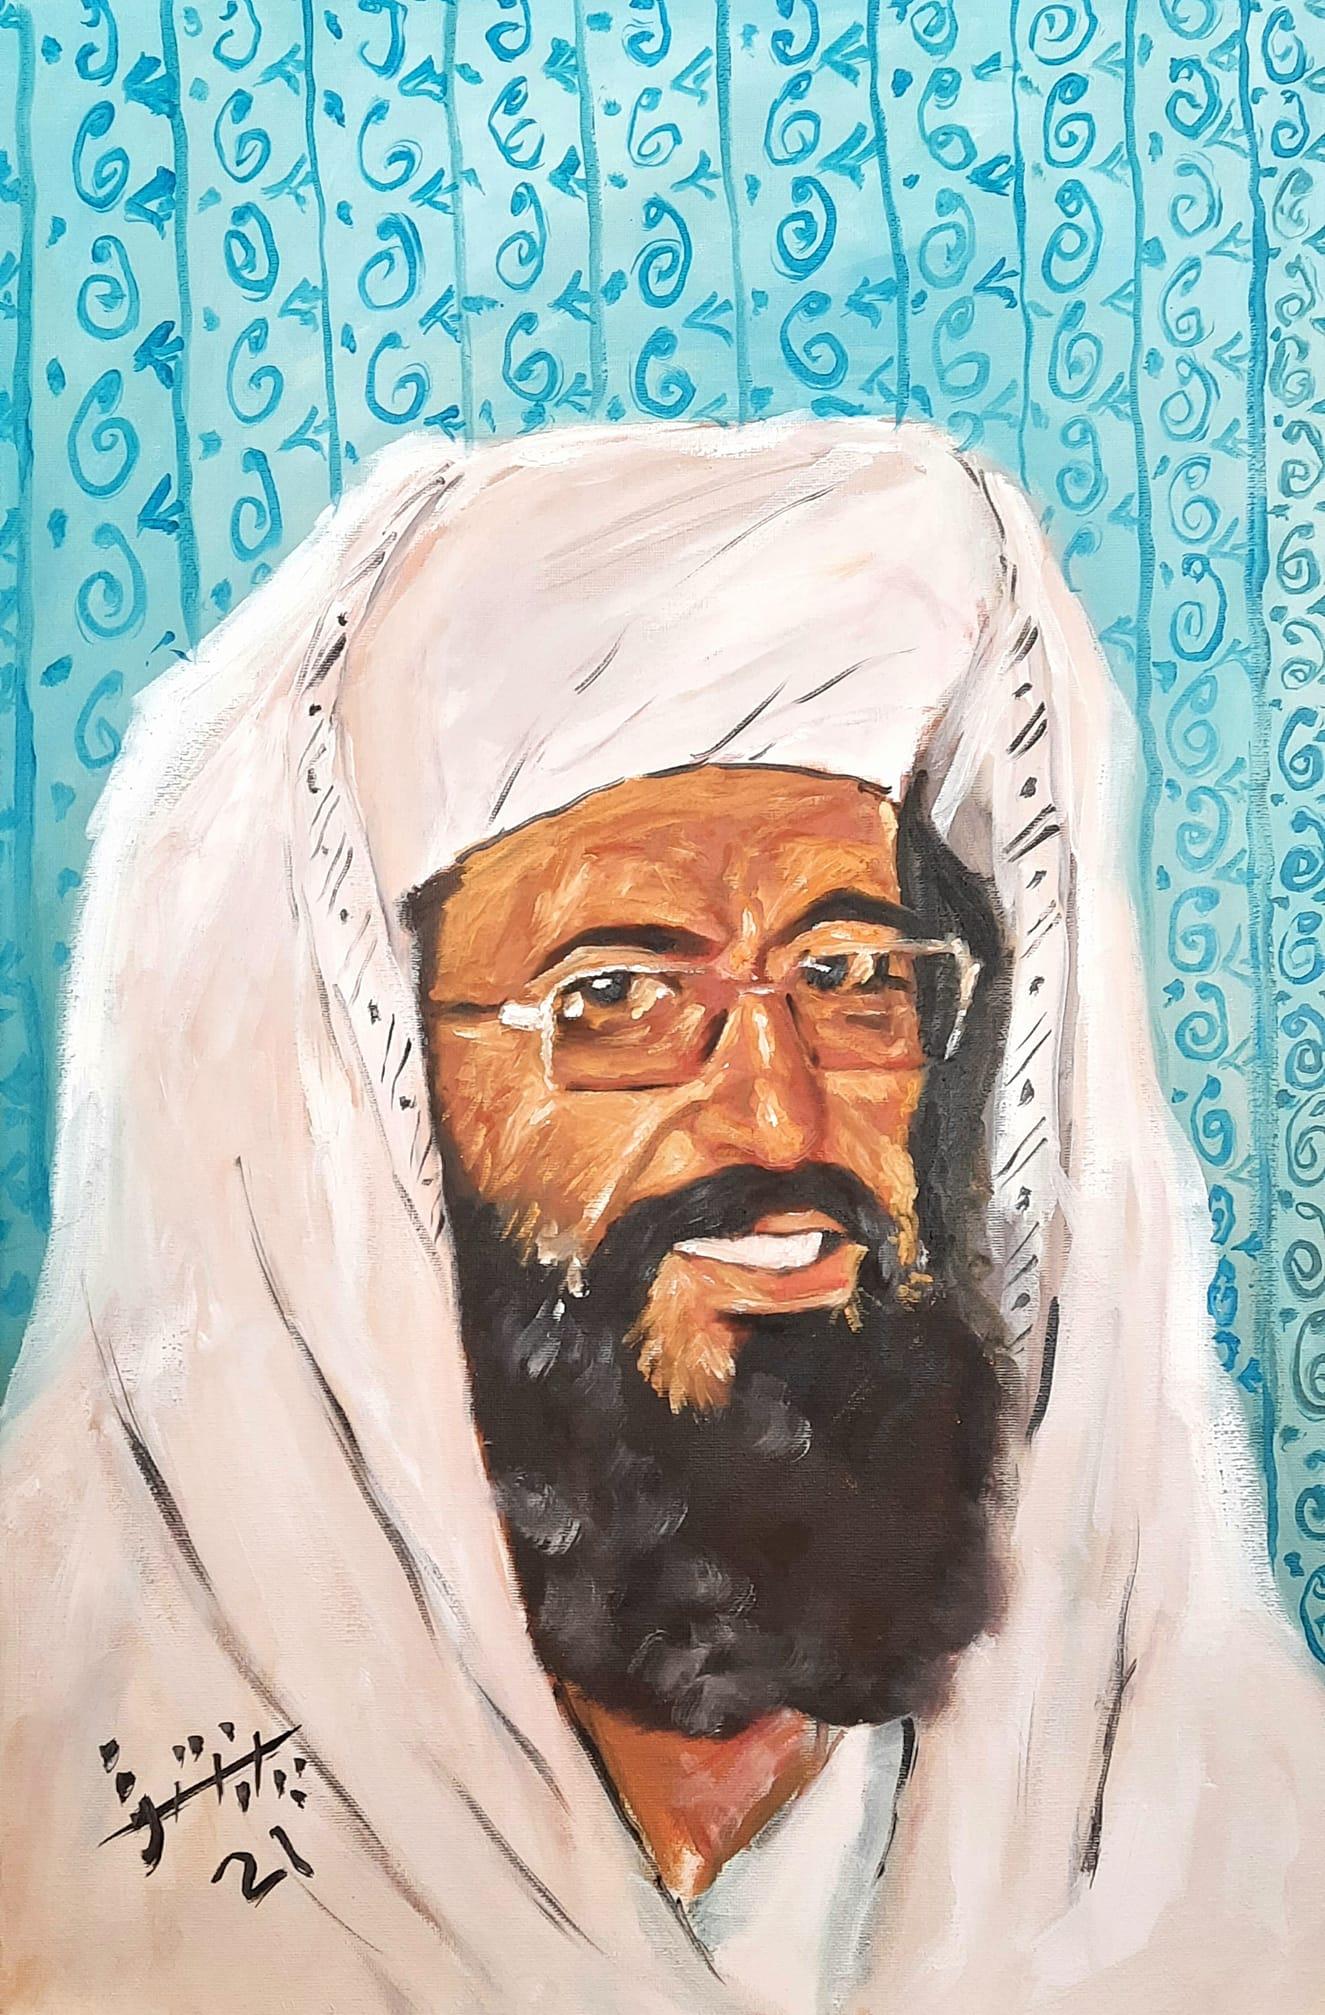 د ښاغلي محمد عليم بسمل شعرونه